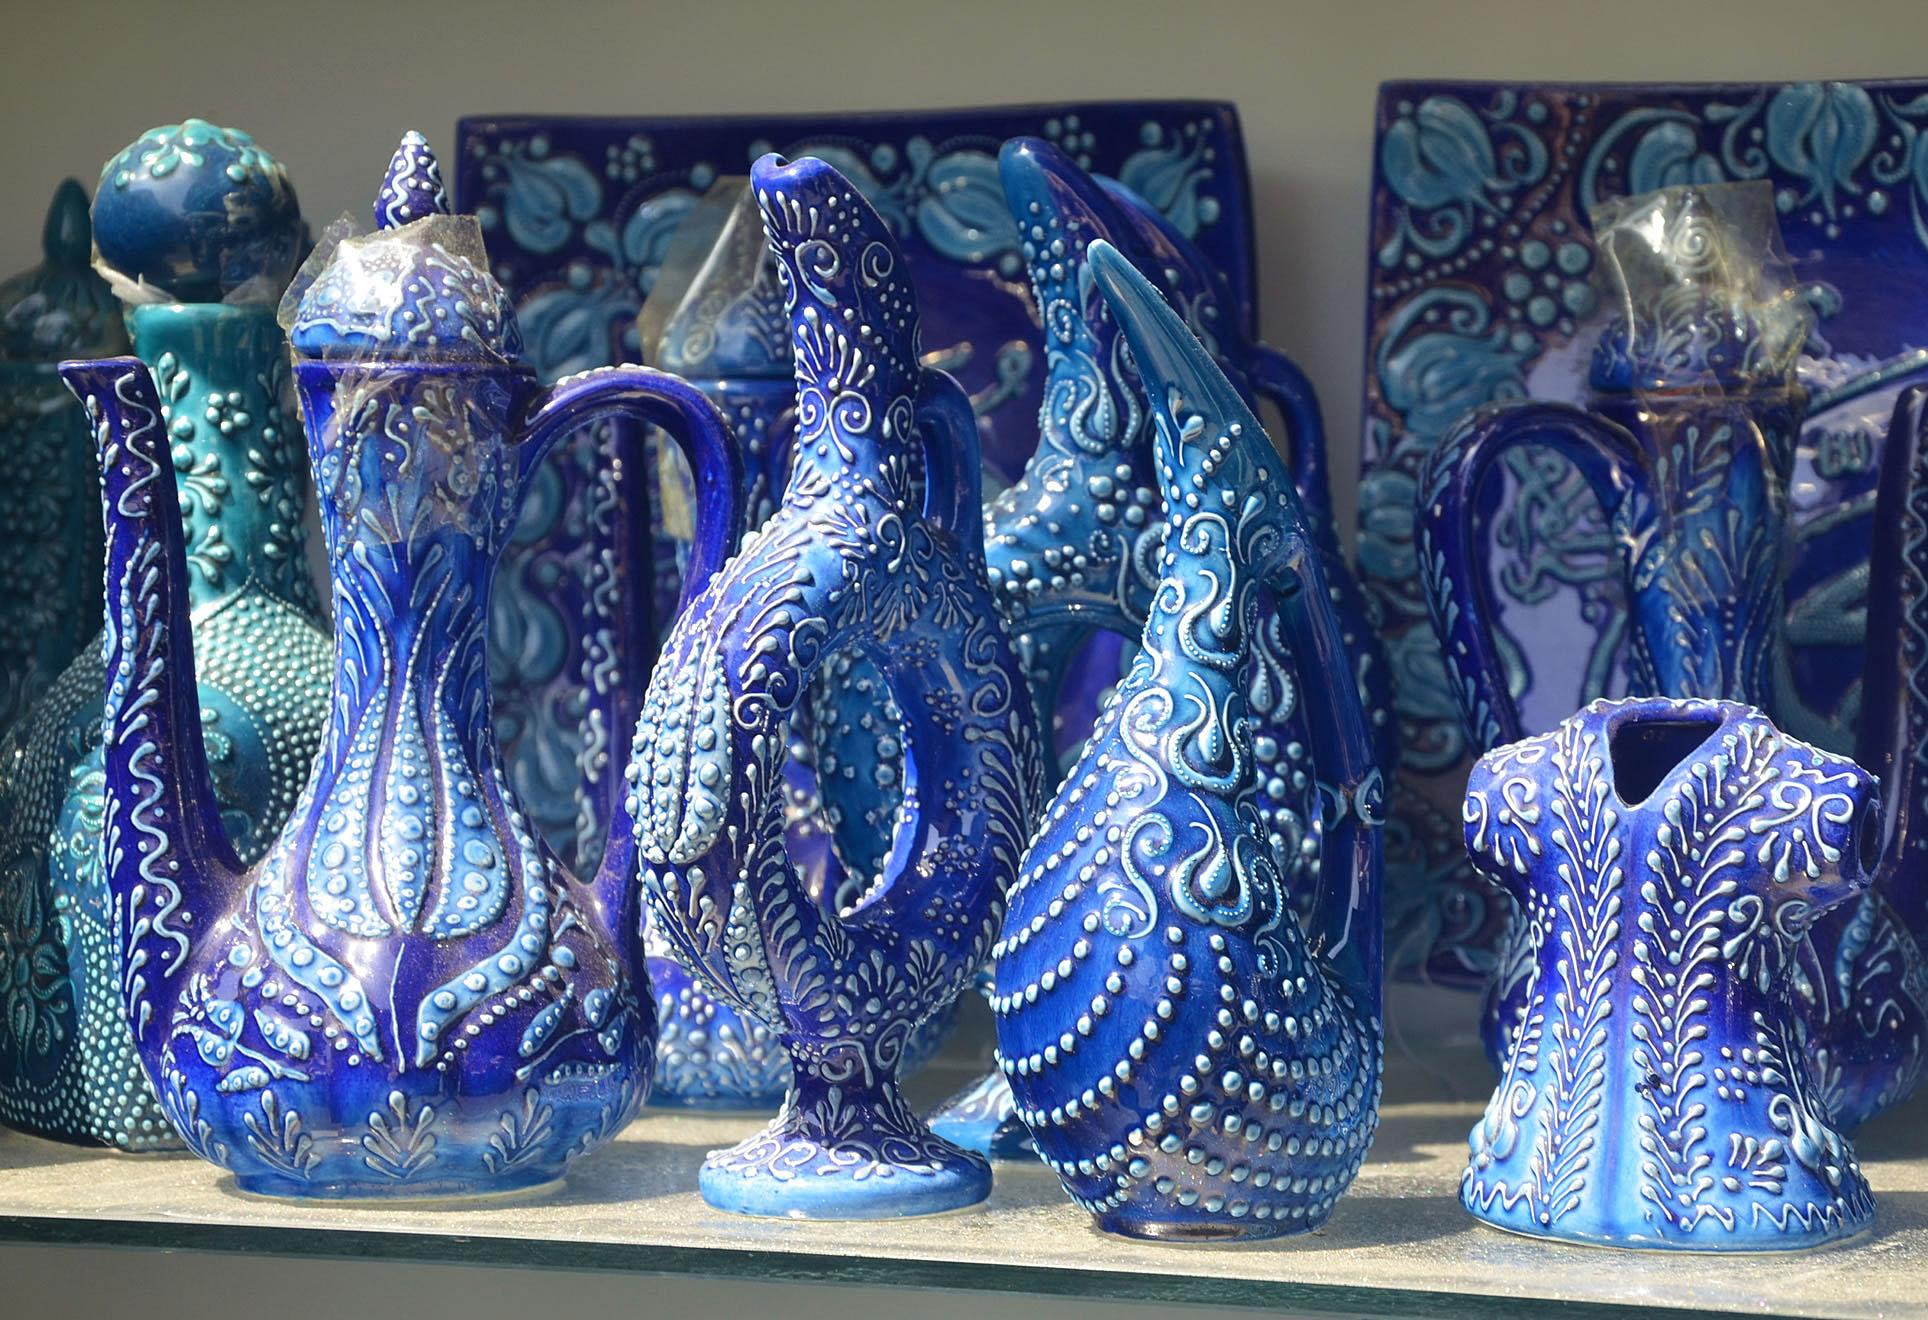 Turkey souvenirs dishes Турецкая керамика Что привезти на память из Турции?